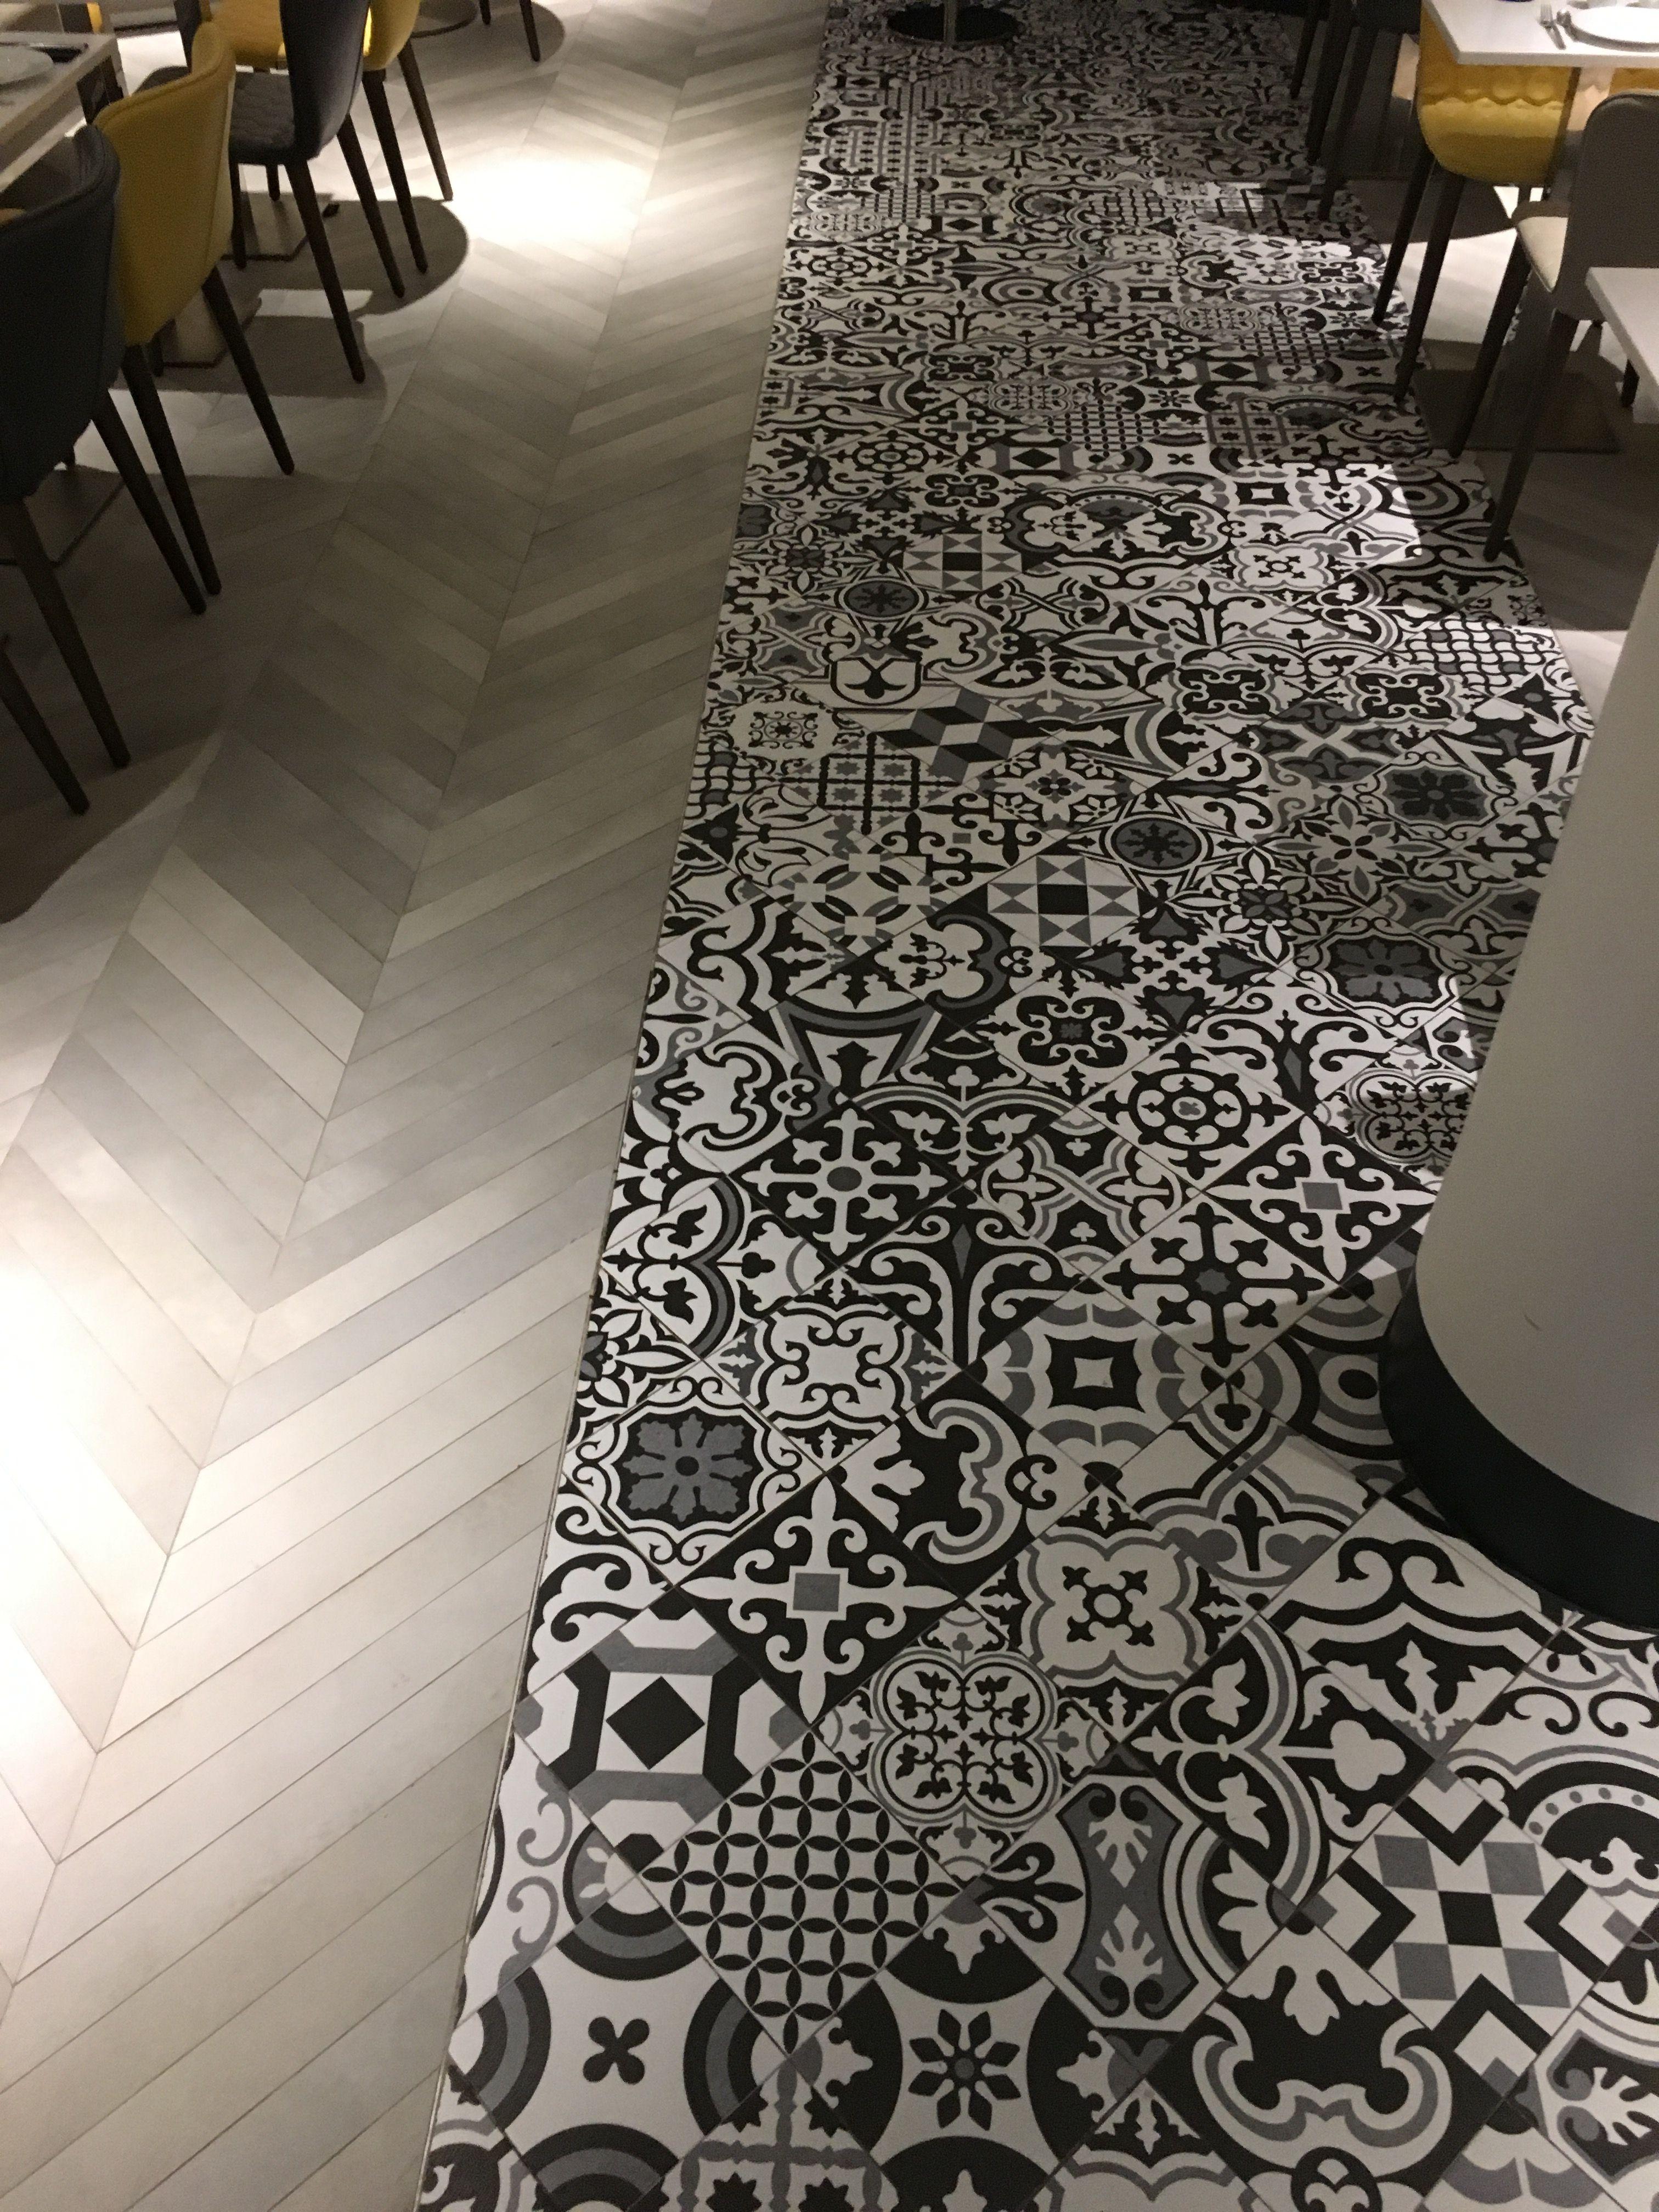 Sol mixte carreaux ciment et carrelage imitation parquet | carreaux ...